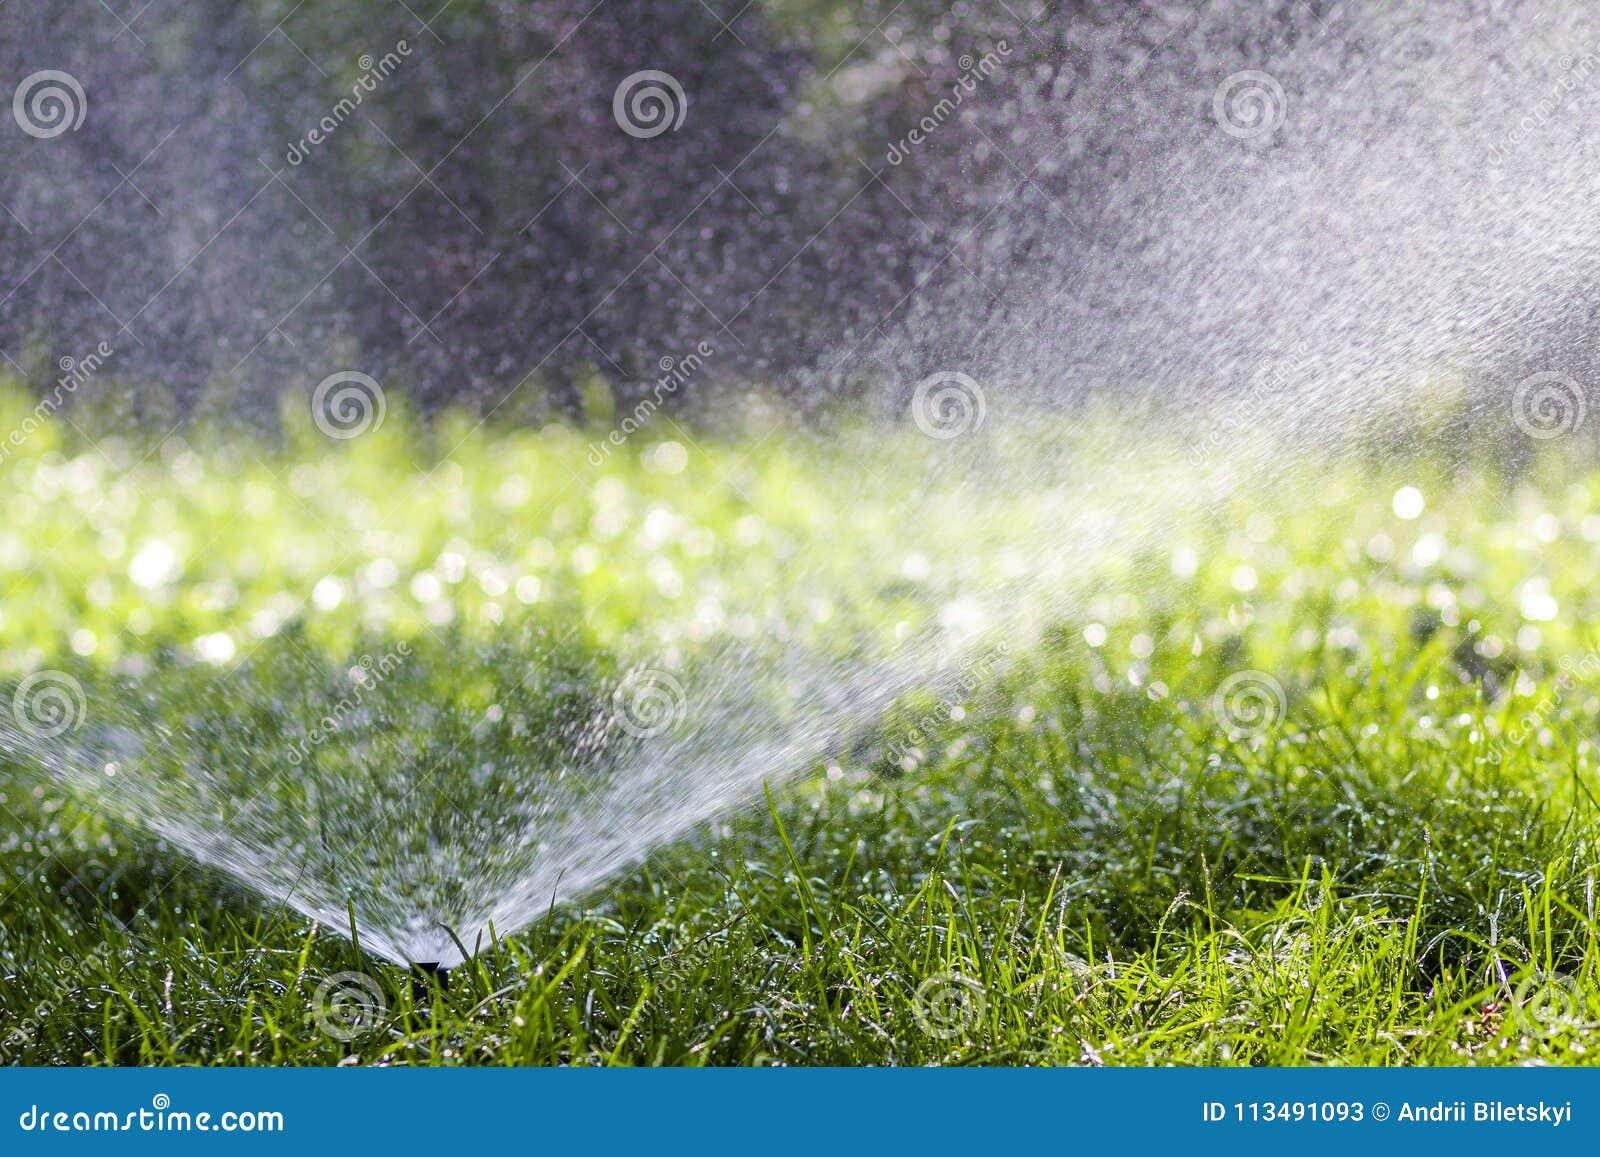 Agua de rociadura de la regadera del agua del césped sobre hierba en jardín en un día de verano caliente Céspedes de riego automá